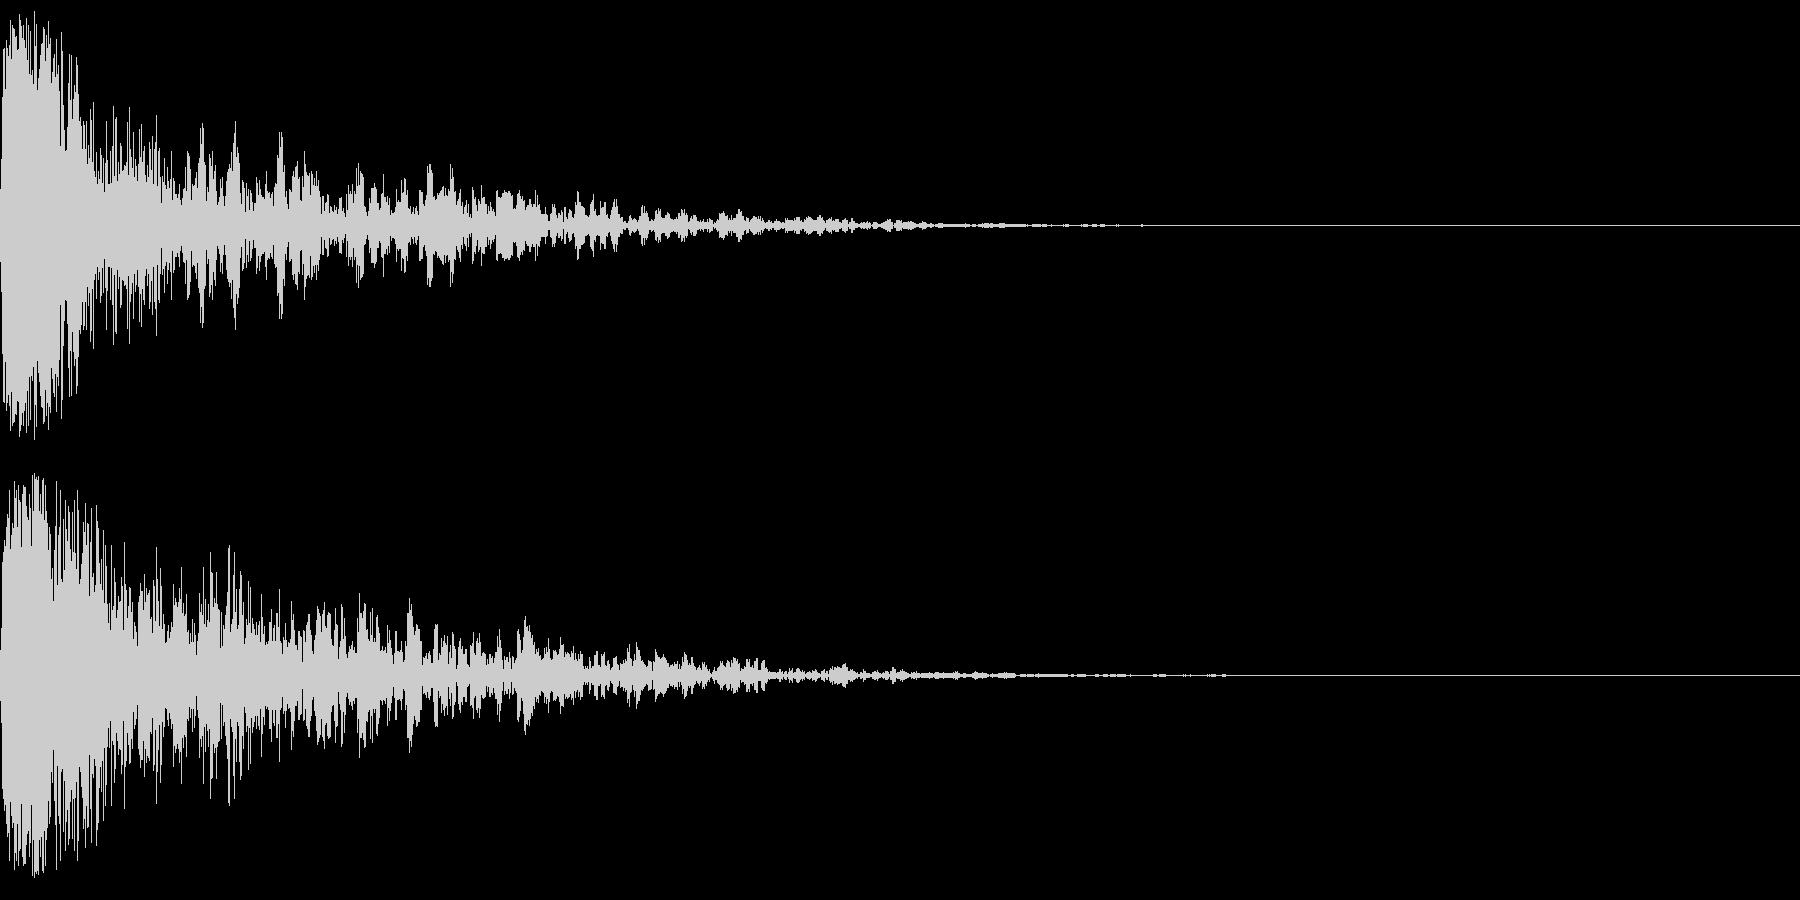 ドーン-56-1(インパクト音)の未再生の波形